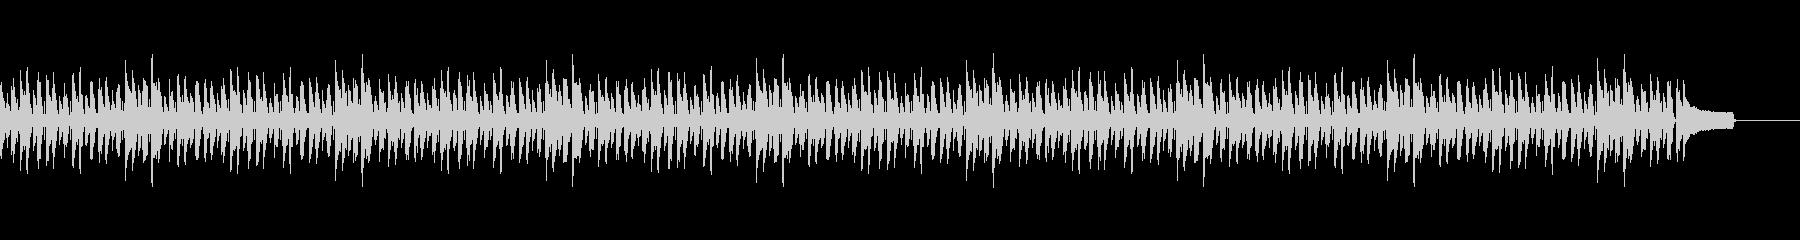 日常系BGMbの未再生の波形